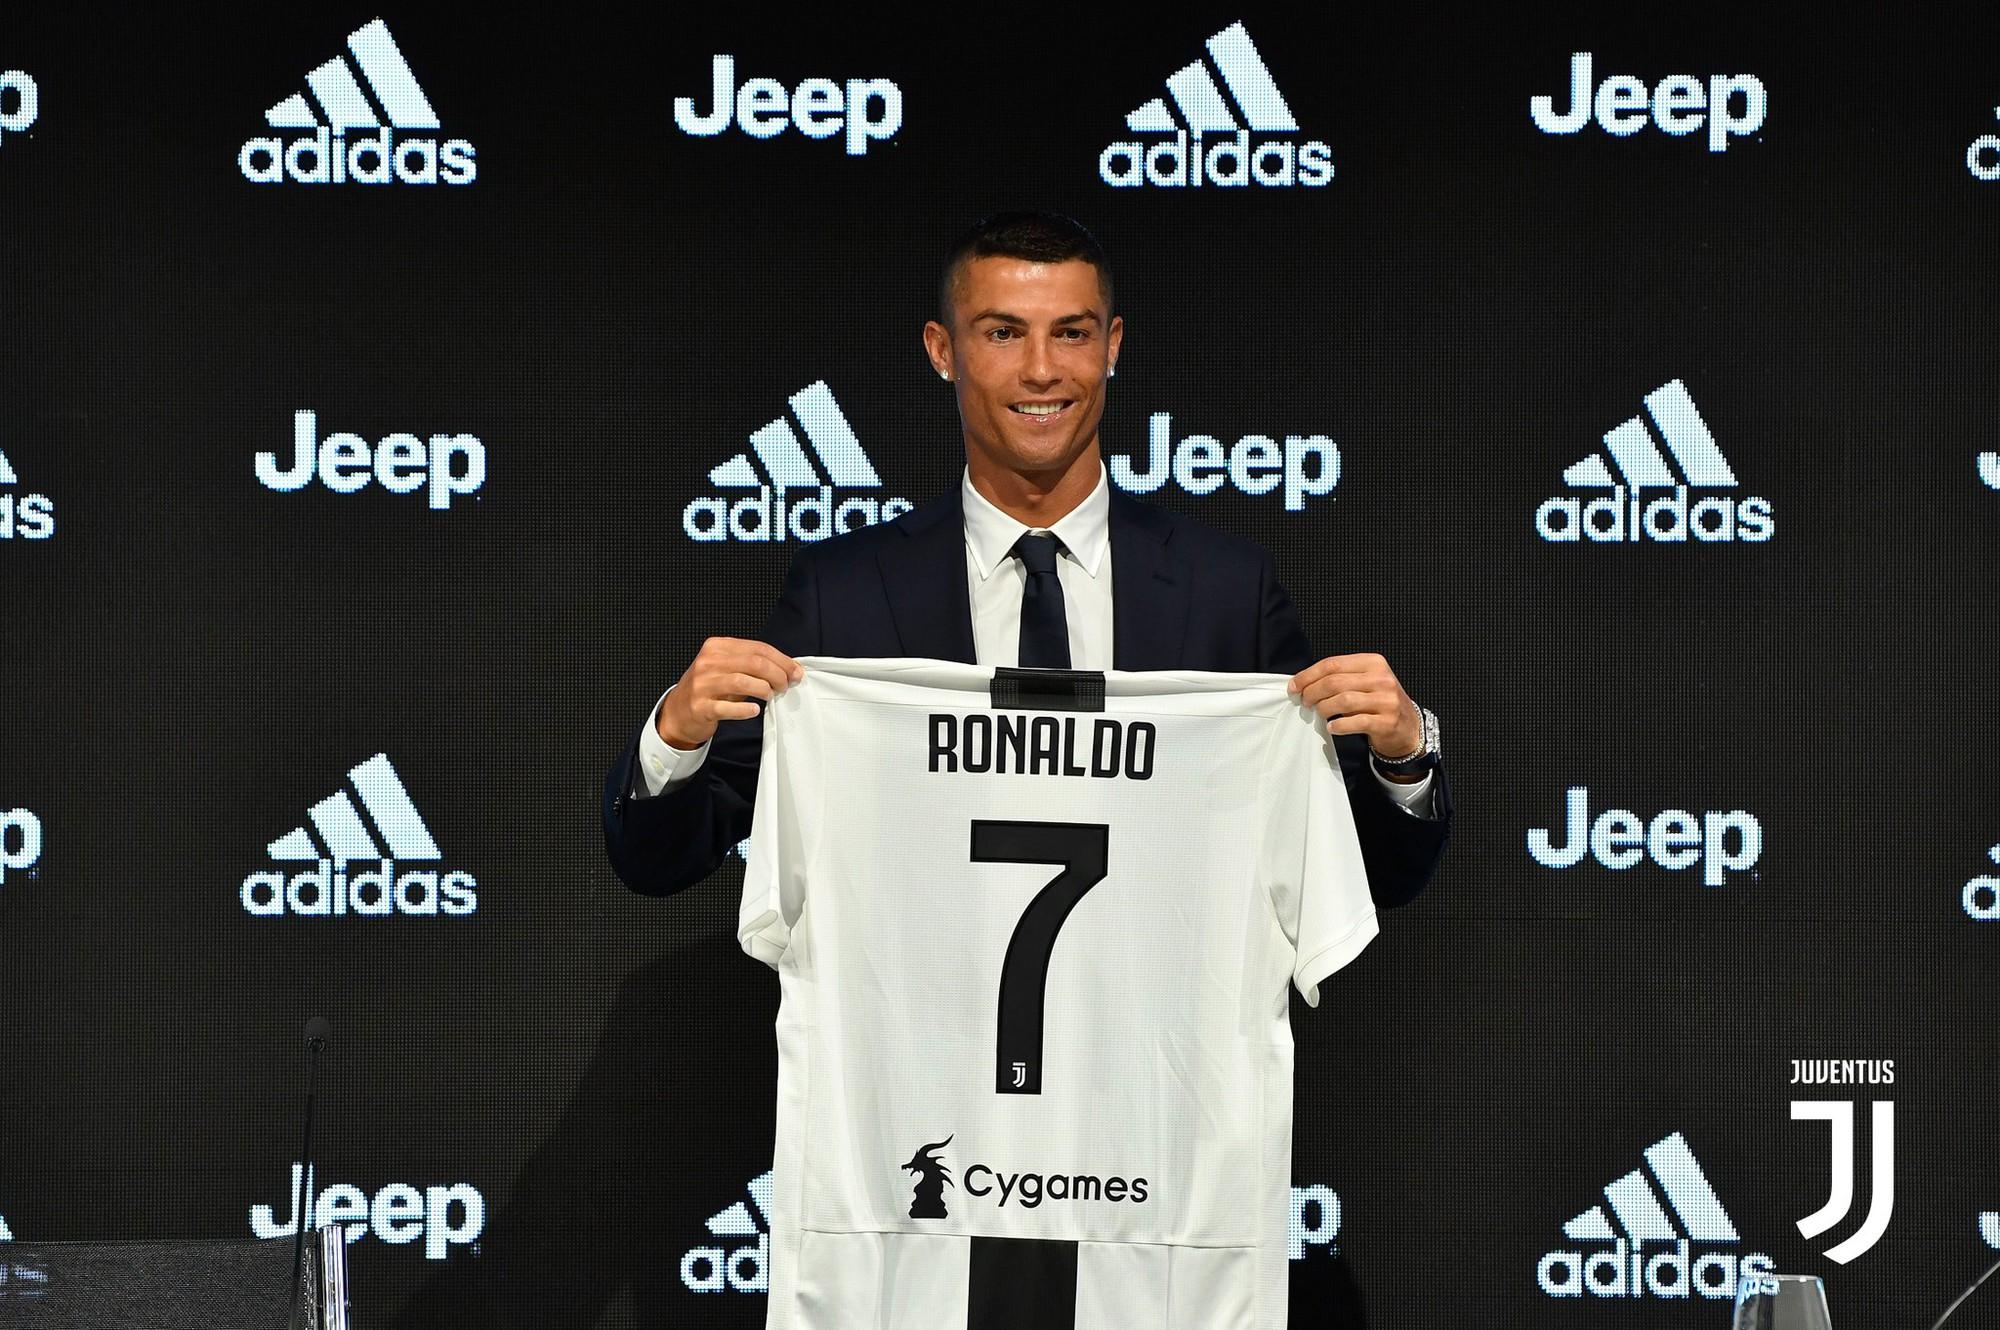 Vừa ra mắt Juventus, Ronaldo đã bay sang Trung Quốc kiếm thêm - Ảnh 1.